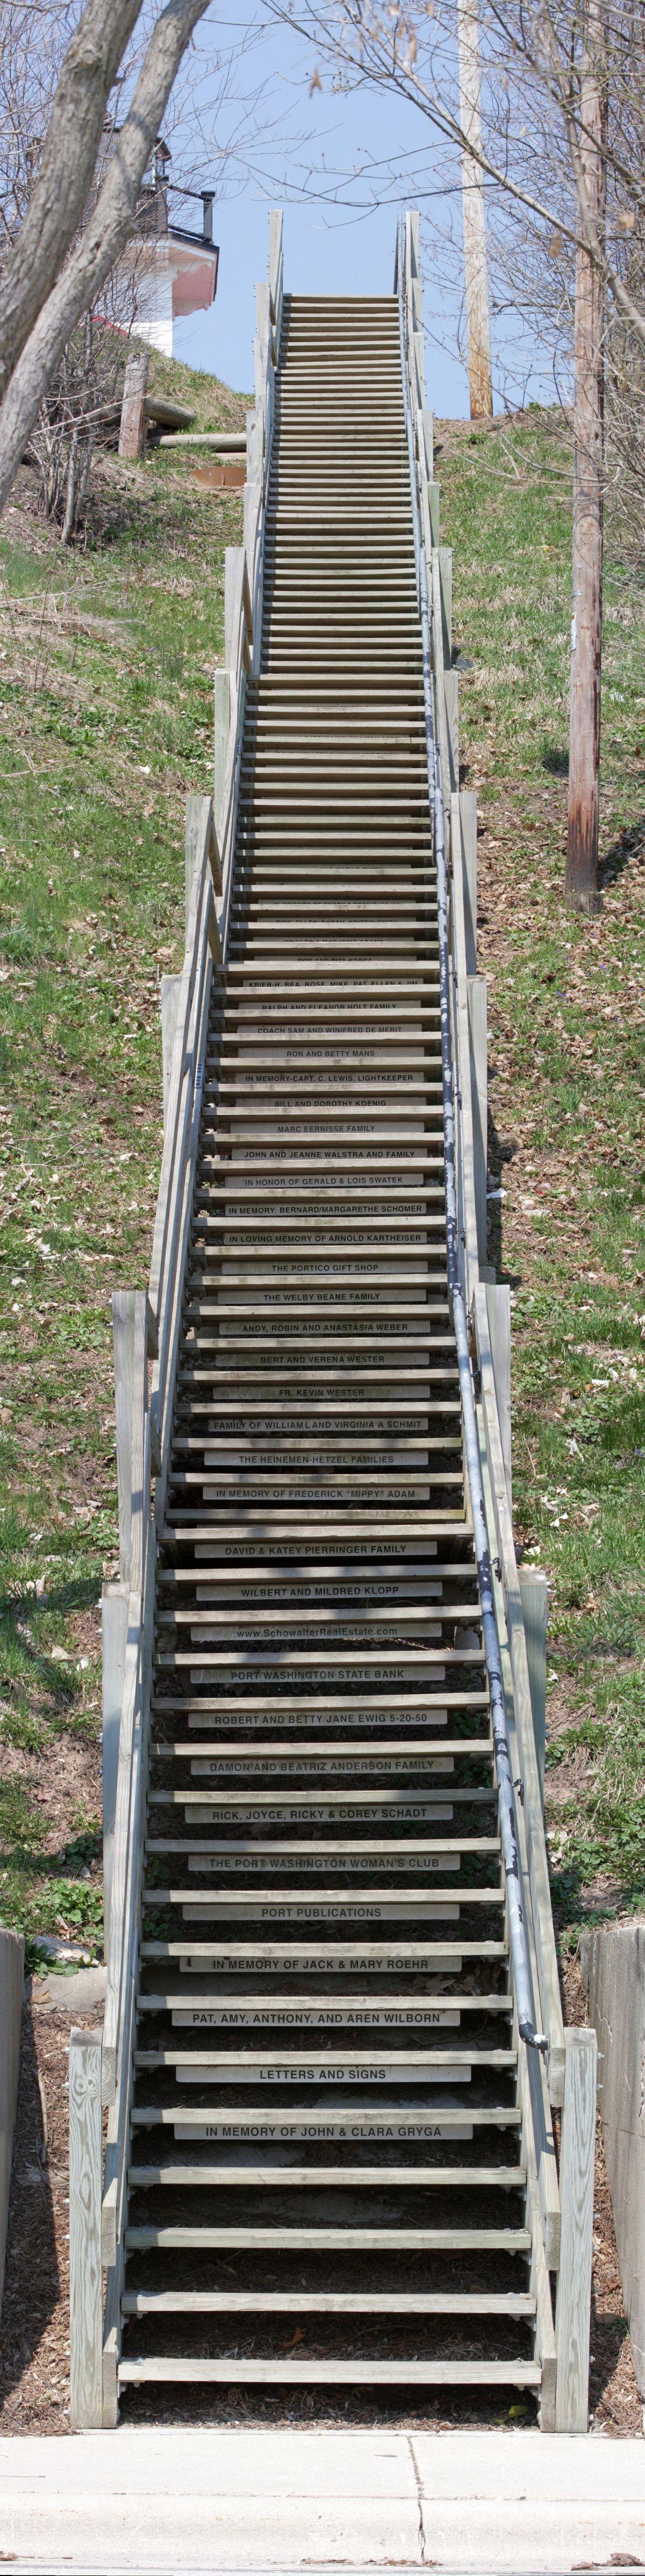 Long-Stairway web.jpg